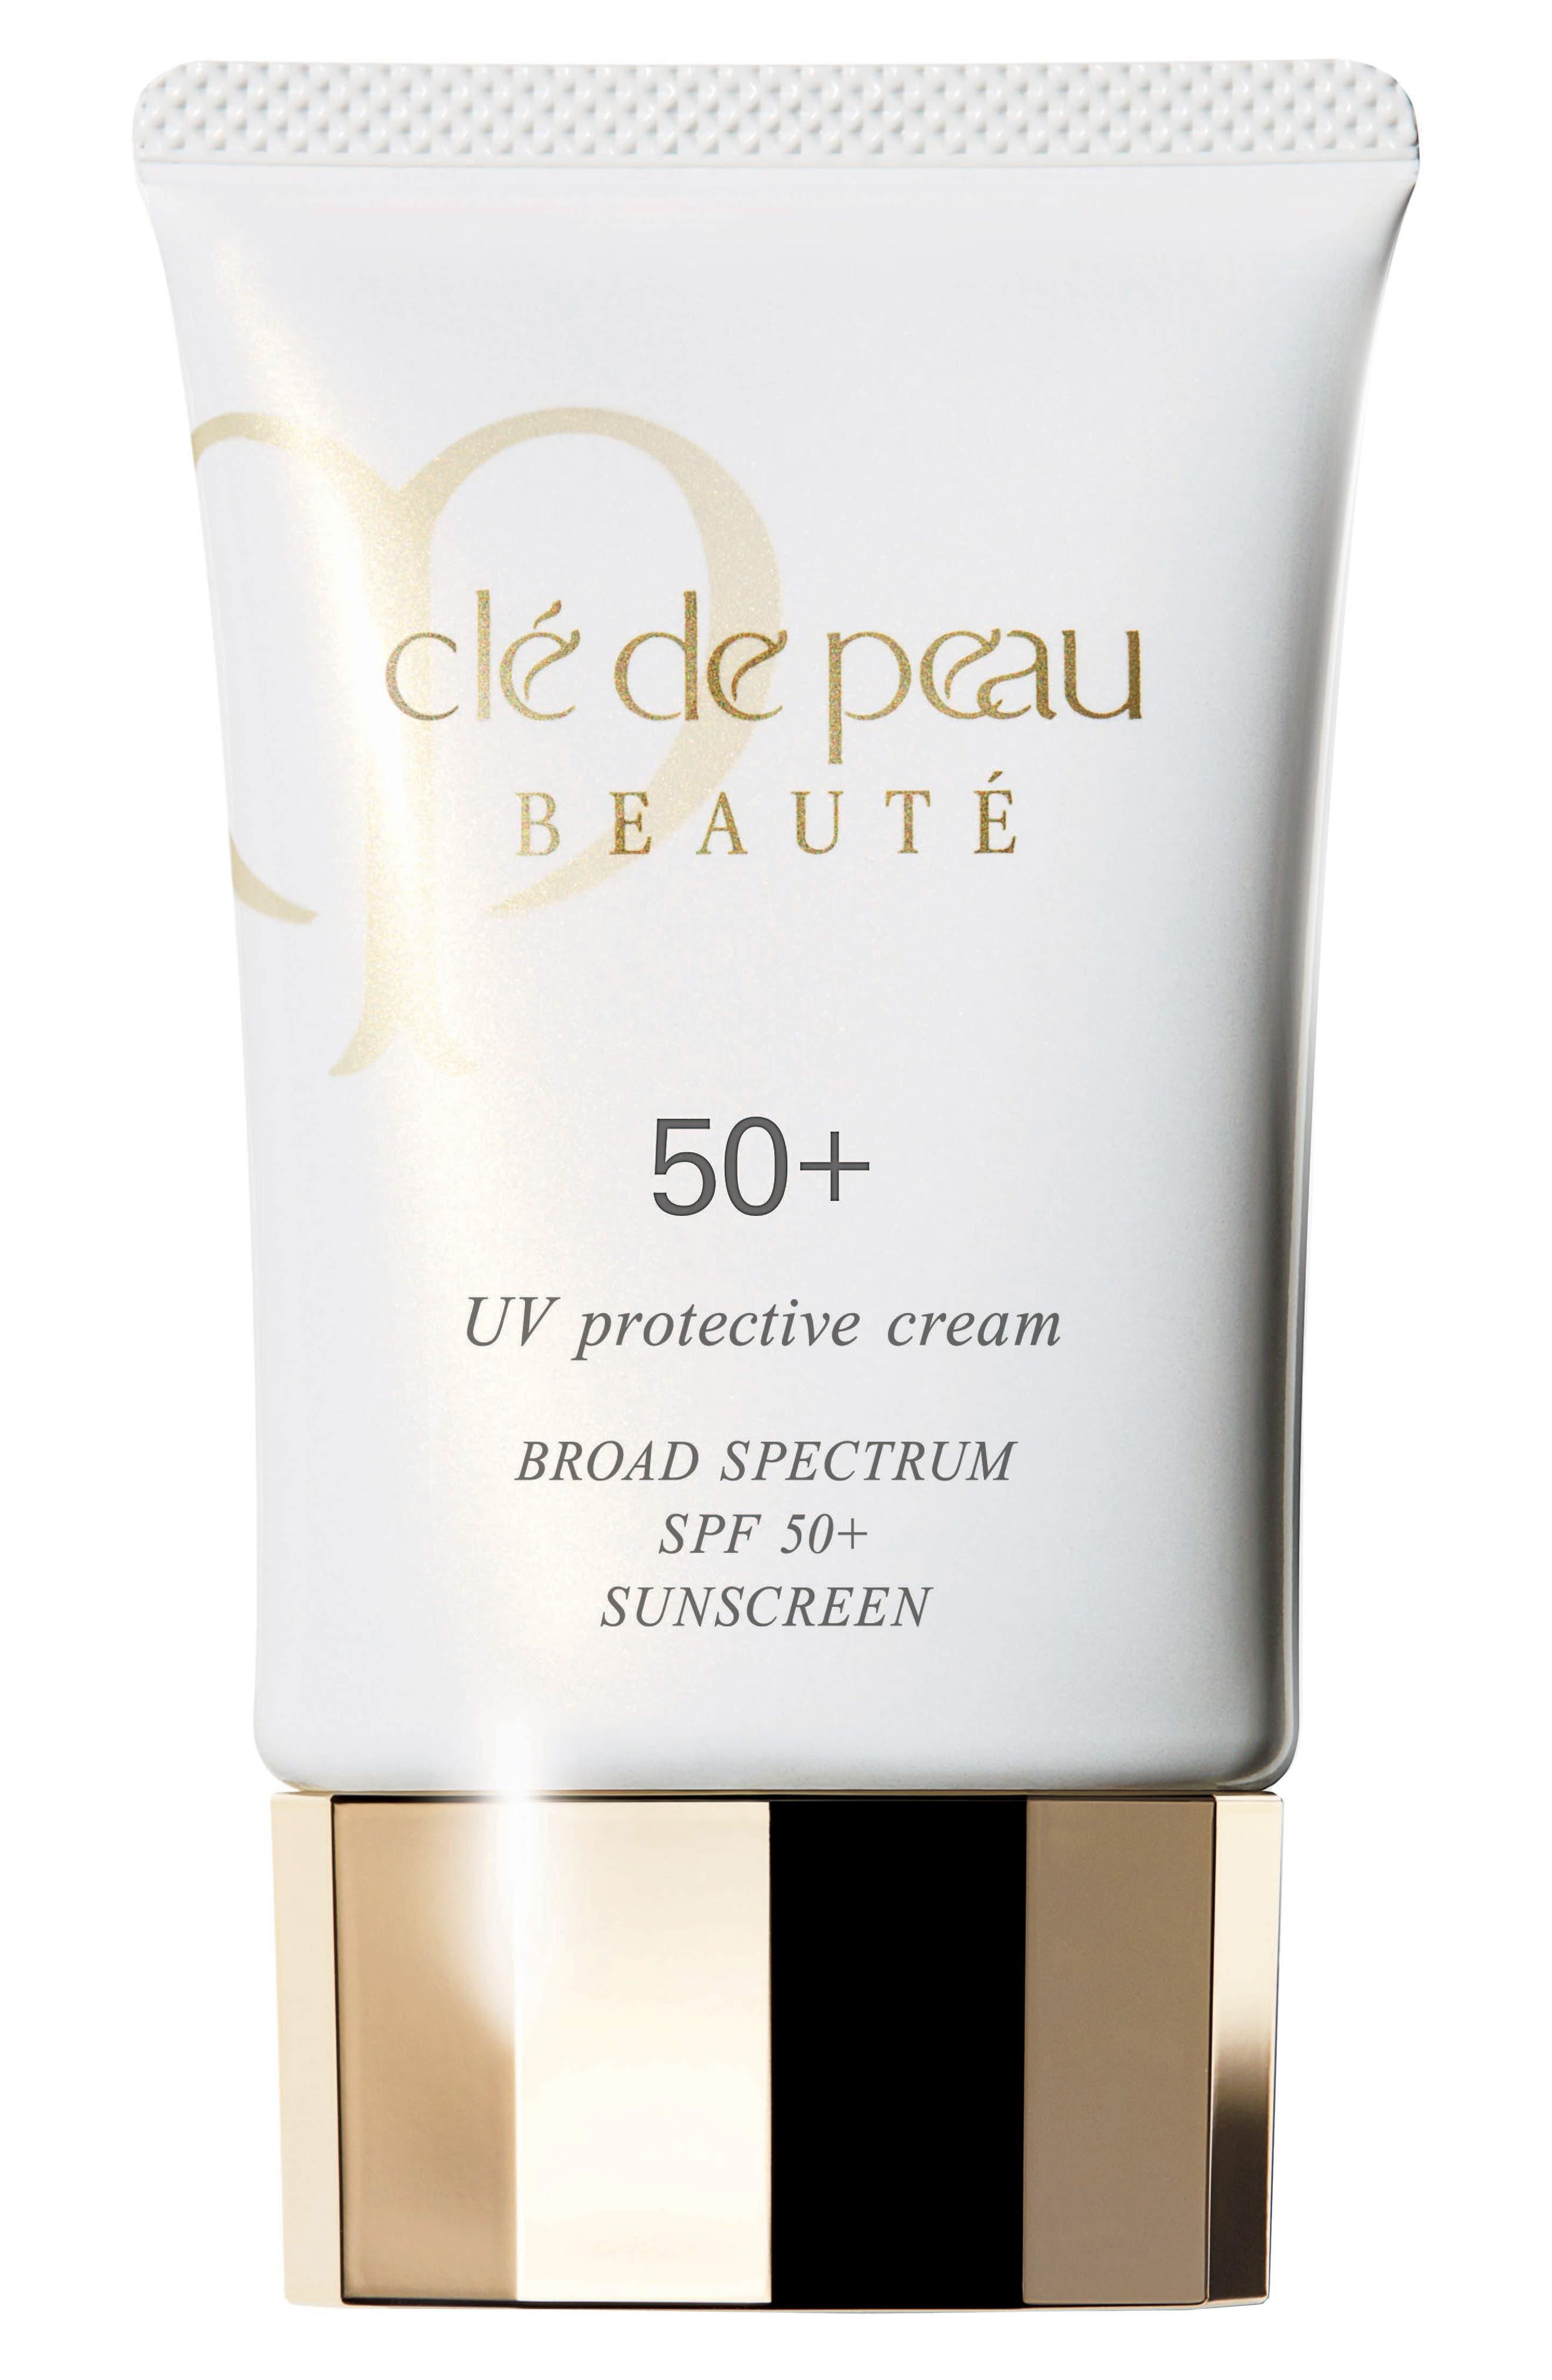 Clé de Peau Beauté UV Protective Cream Broad Spectrum SPF 50+